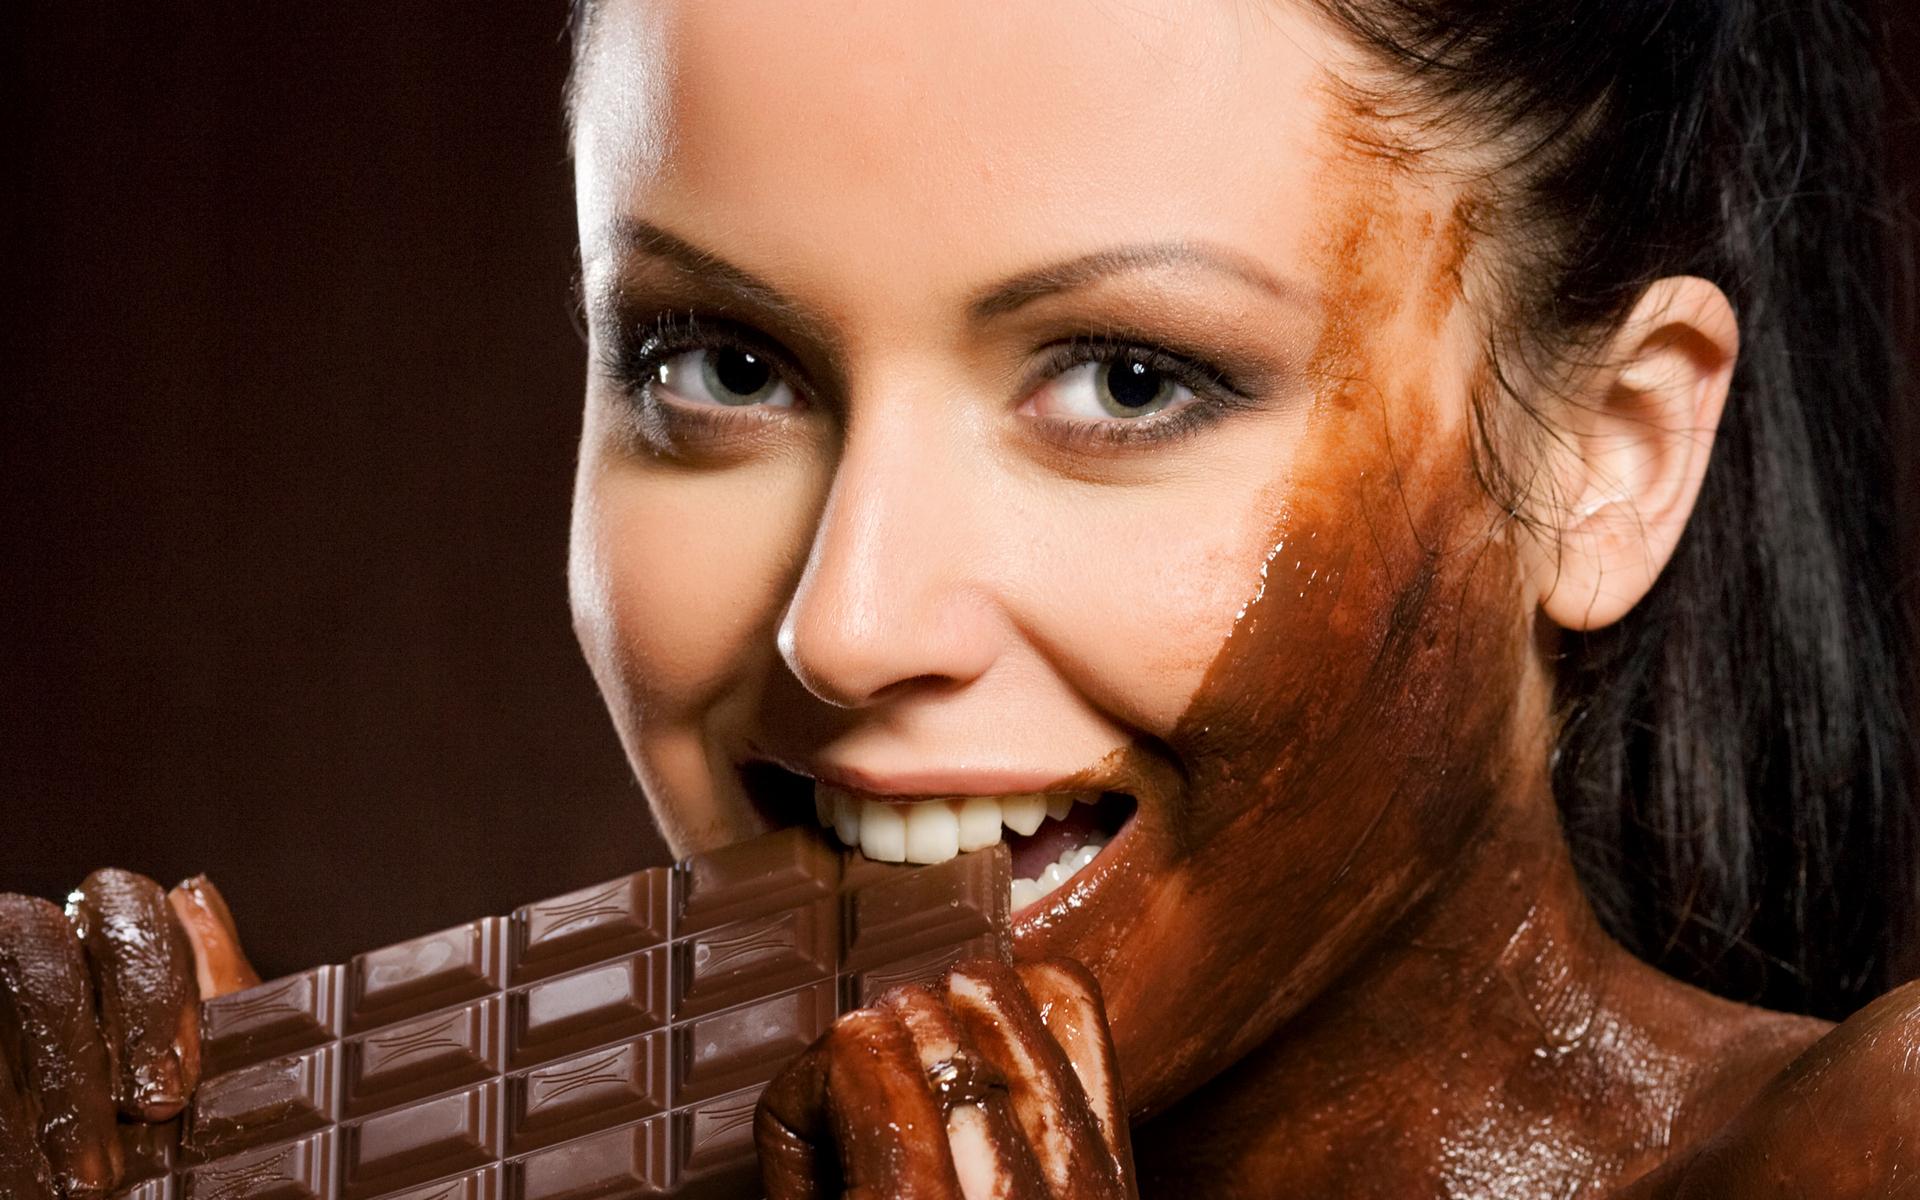 Как сделать шоколадное обертывание в домашних условиях